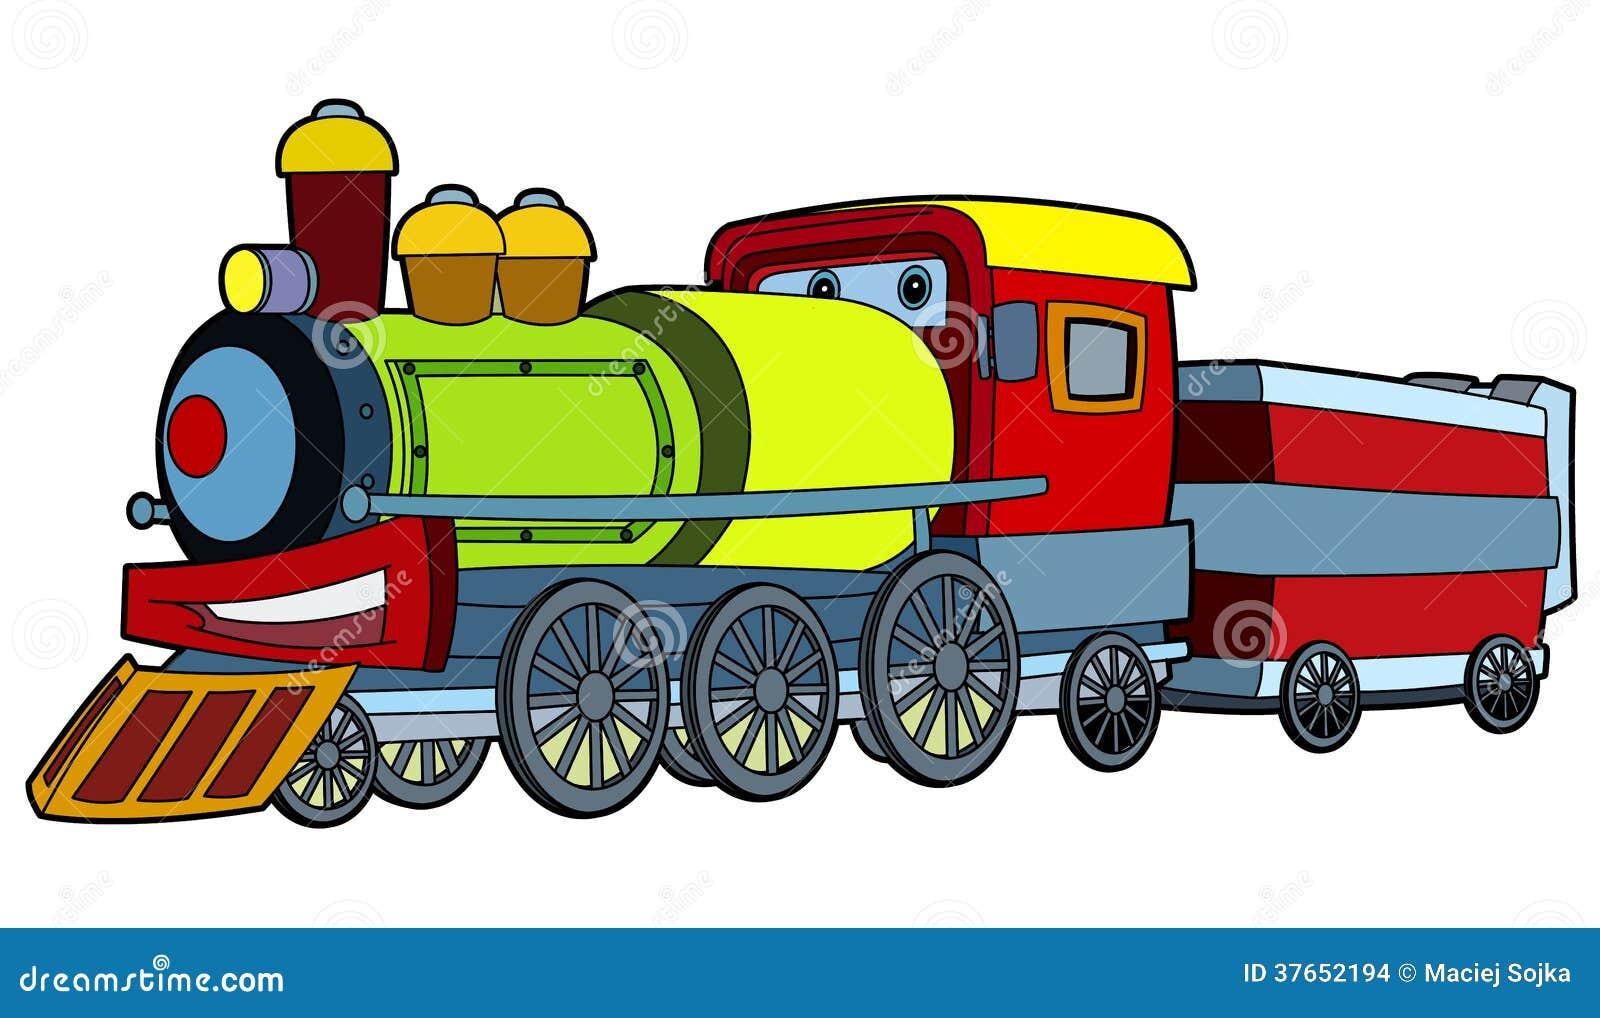 colored train illustration for the children stock train track clip art free train track clipart borders